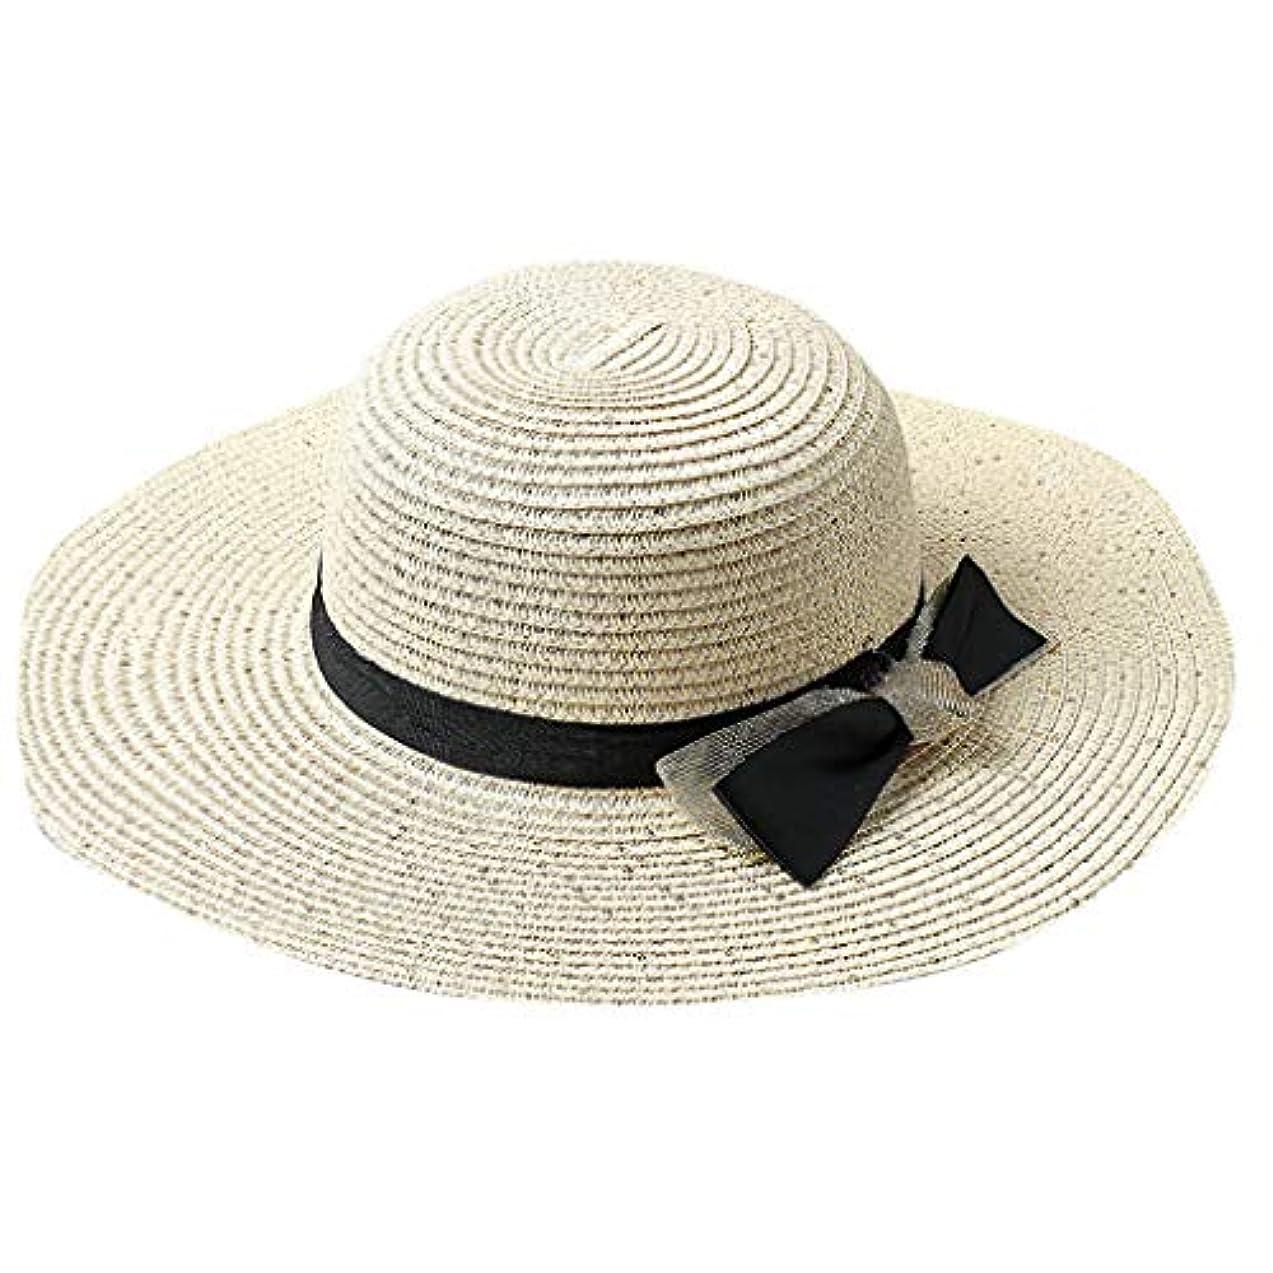 伸ばす概してハシーROSE ROMAN - 日よけ帽子 帽子 レディース ハット UVカート 紫外線対策 麦わら帽子 レディース 春夏 UVカット 折りたたみ 軽量 持ち運びに便利 麦わら帽子 つば広 小顔効果 春夏 お出かけ用 ビーチハット